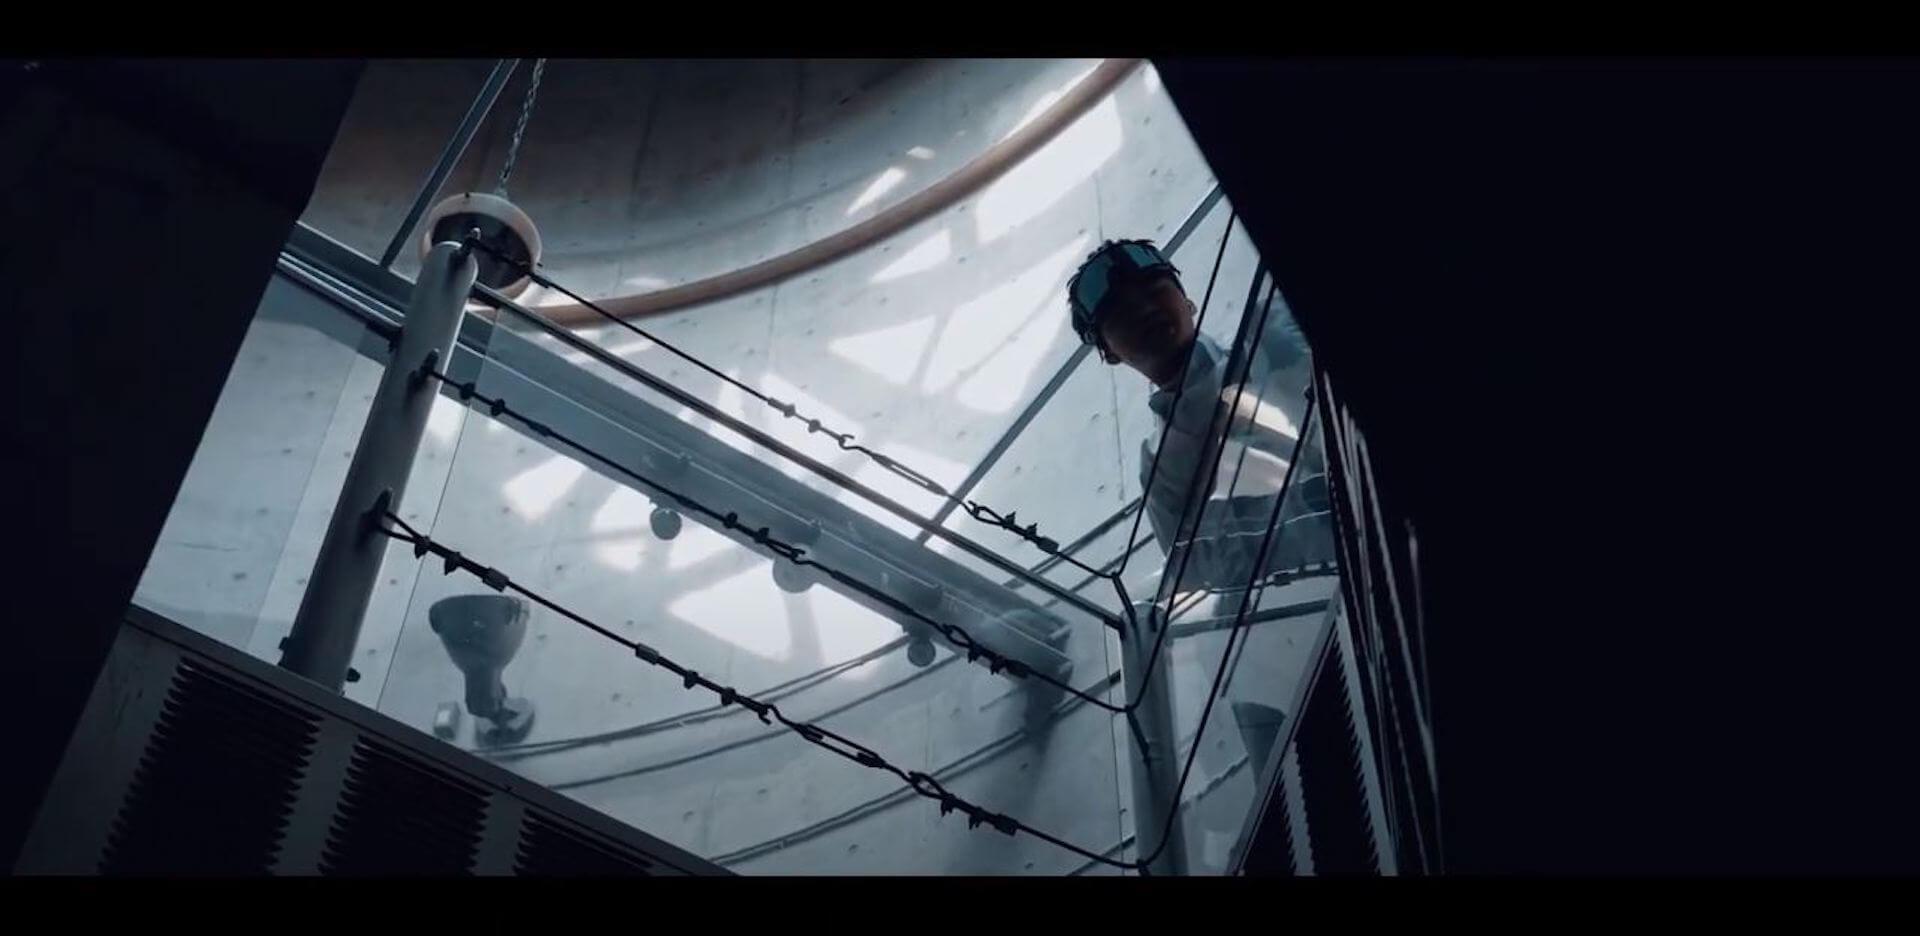 """『ラップスタア誕生』出演で話題のItaqが2ndアルバム『Savior of Aquarius』を本日リリース!""""Hyper KAMIOKANDE""""のMVも解禁 music210514_itaq-210514_1"""